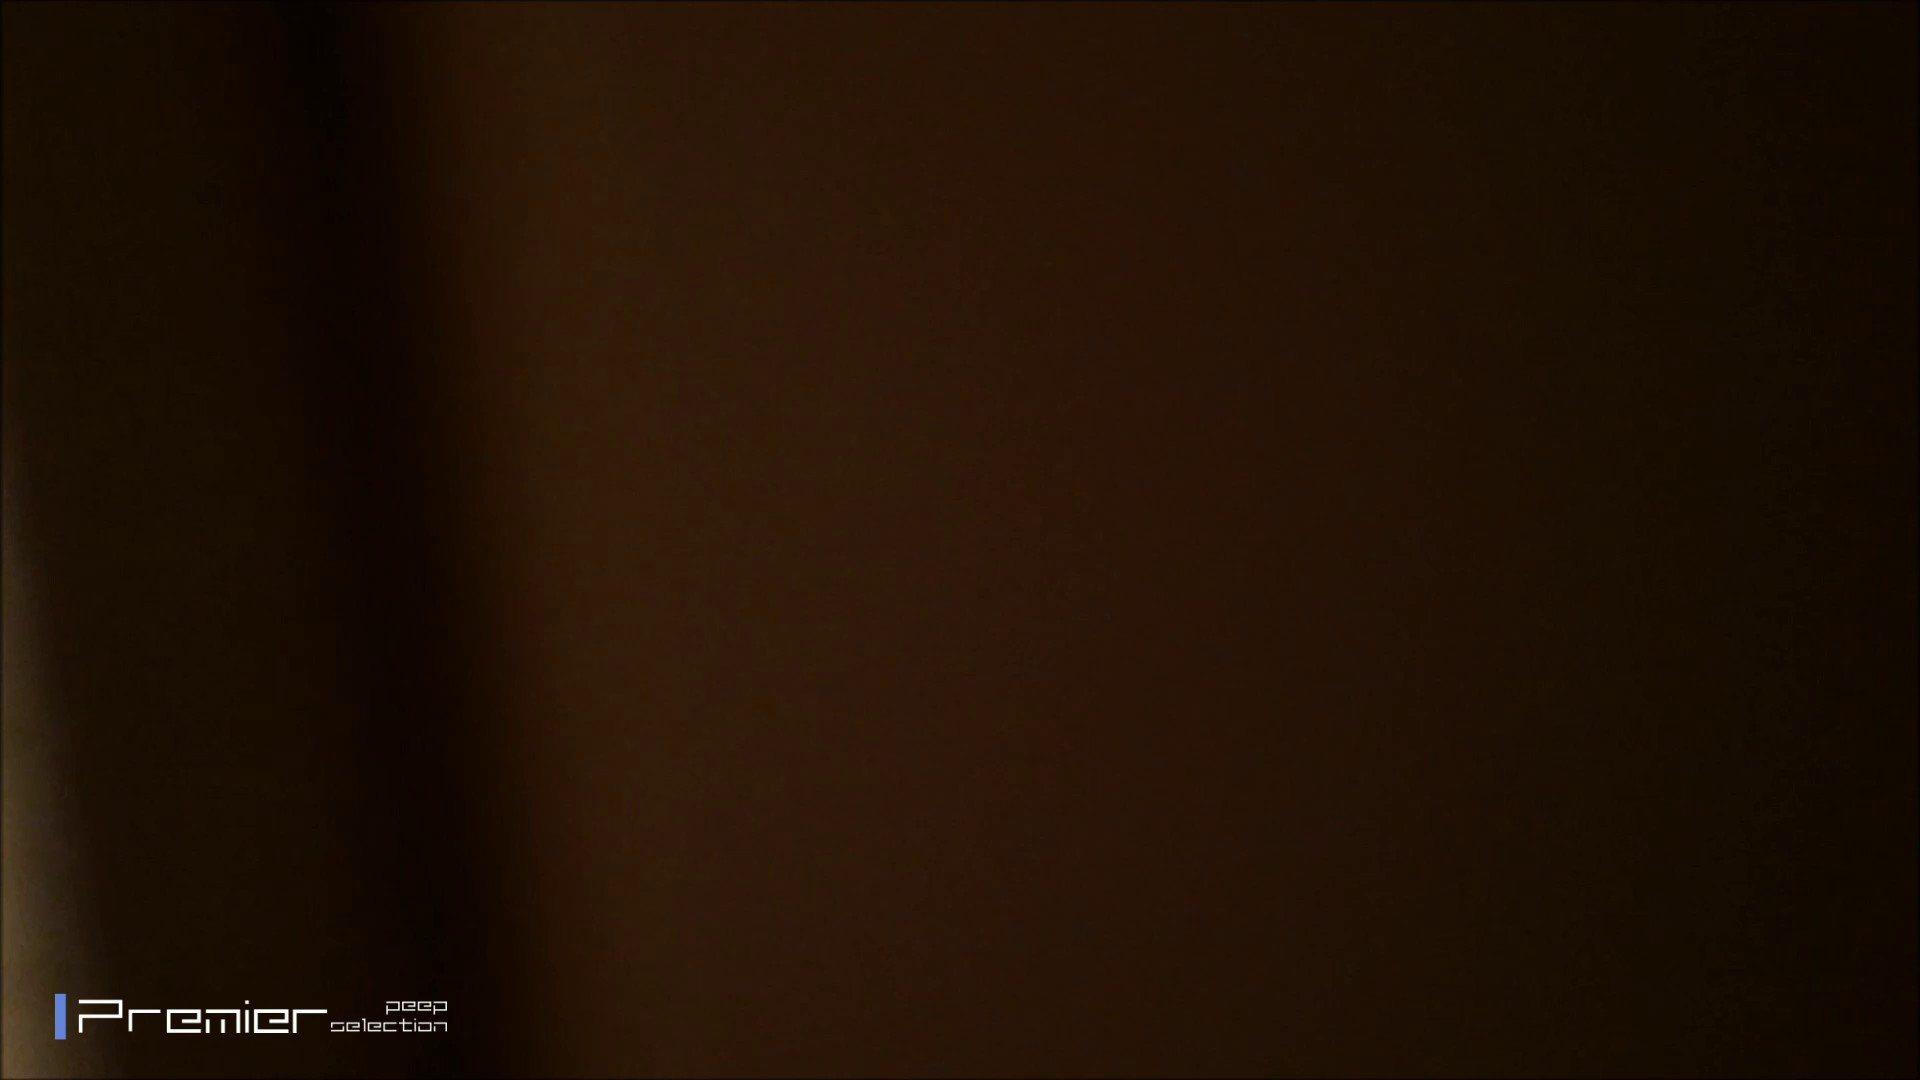 シャワーのお湯を跳ね返すお肌 乙女の風呂場 Vol.03 丸見え おまんこ動画流出 108枚 100